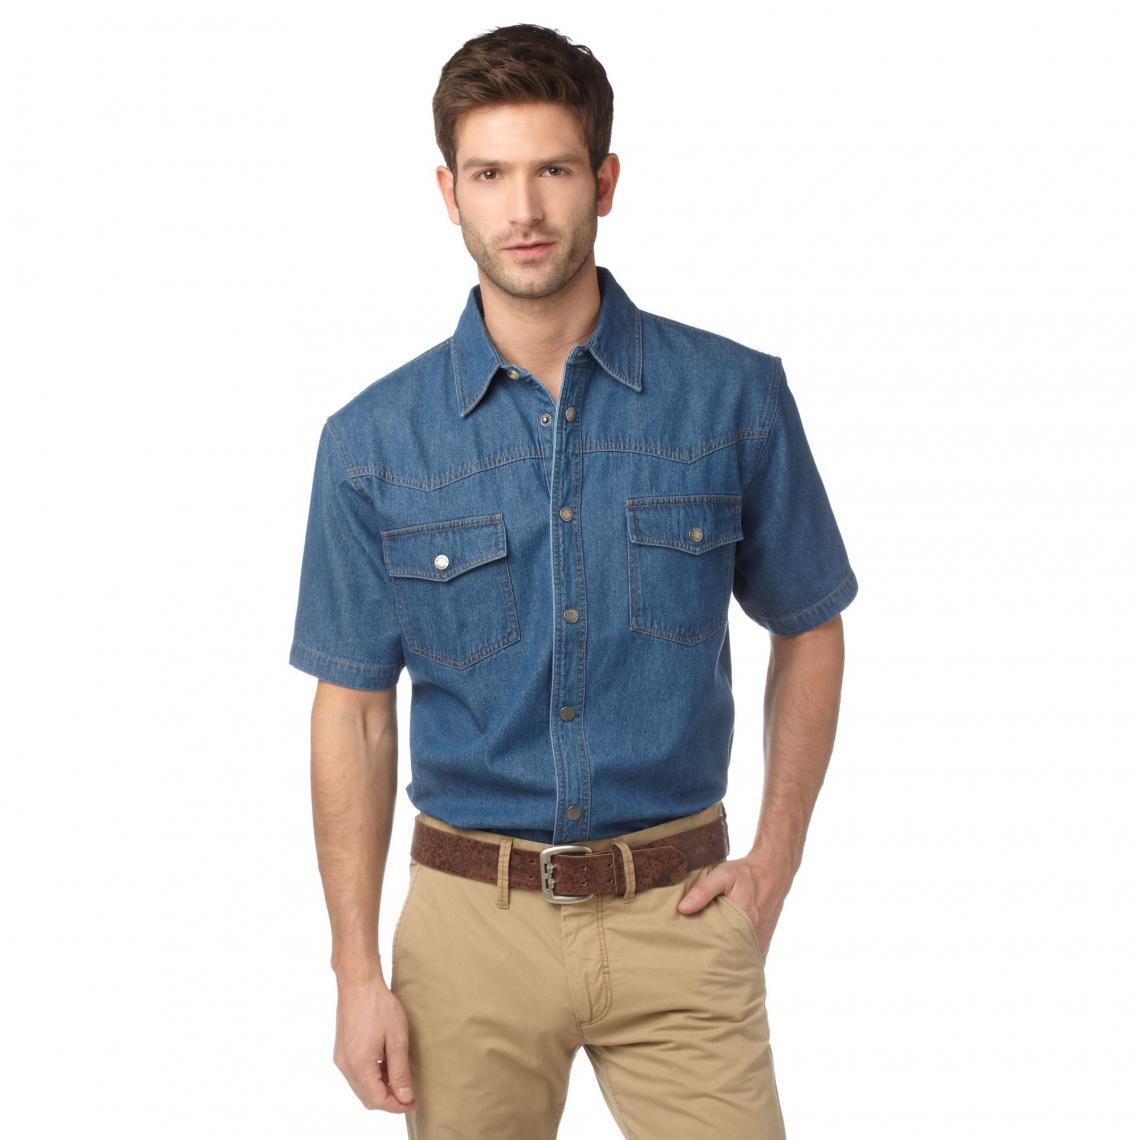 chemise manches courtes en jean coton homme arizona bleu. Black Bedroom Furniture Sets. Home Design Ideas